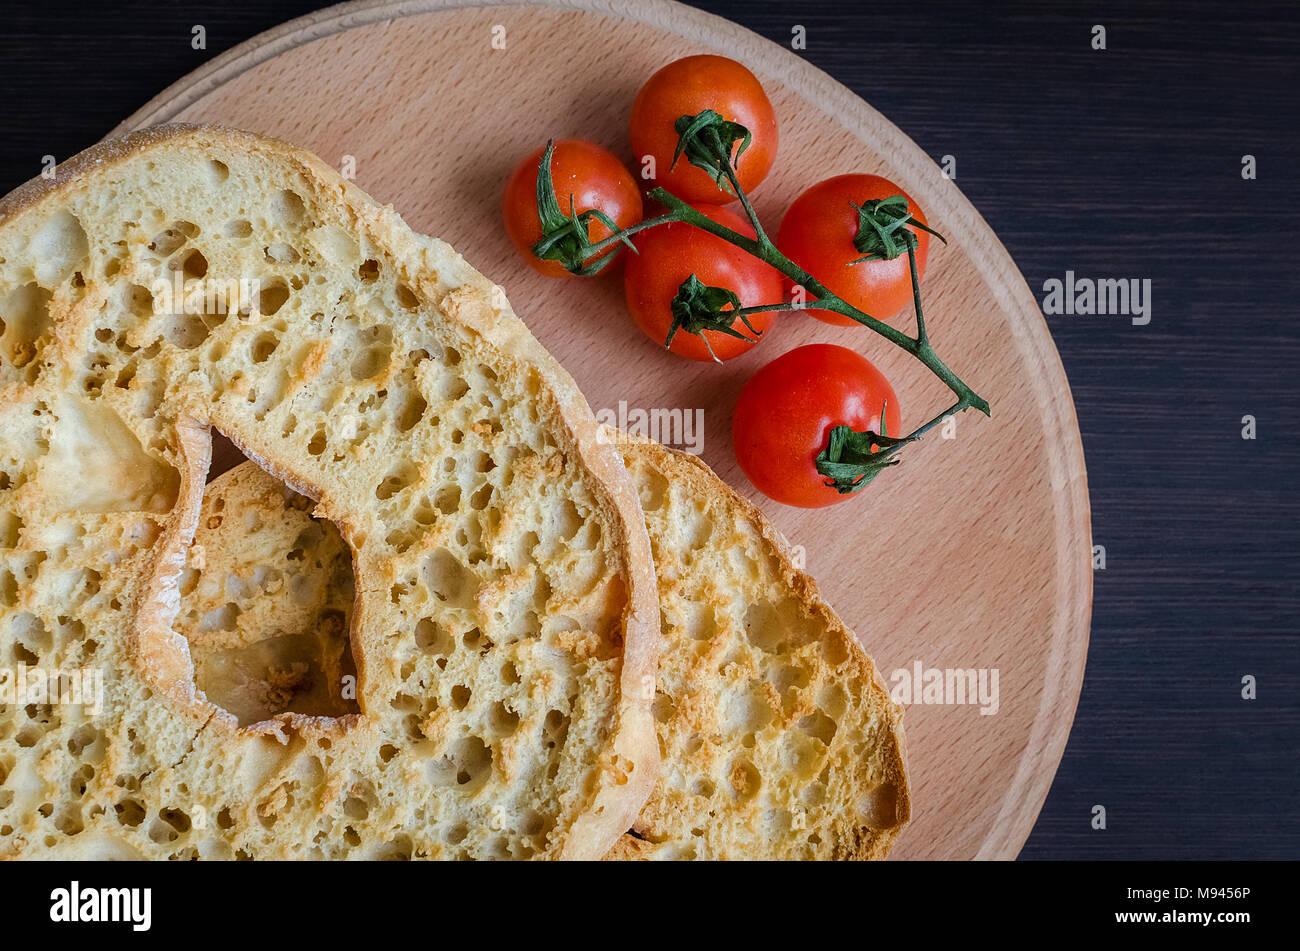 Pain séché italienne Friselle sur planche de bois avec des tomates cerise. Cuisine italienne. L'alimentation végétarienne saine. Photo Stock